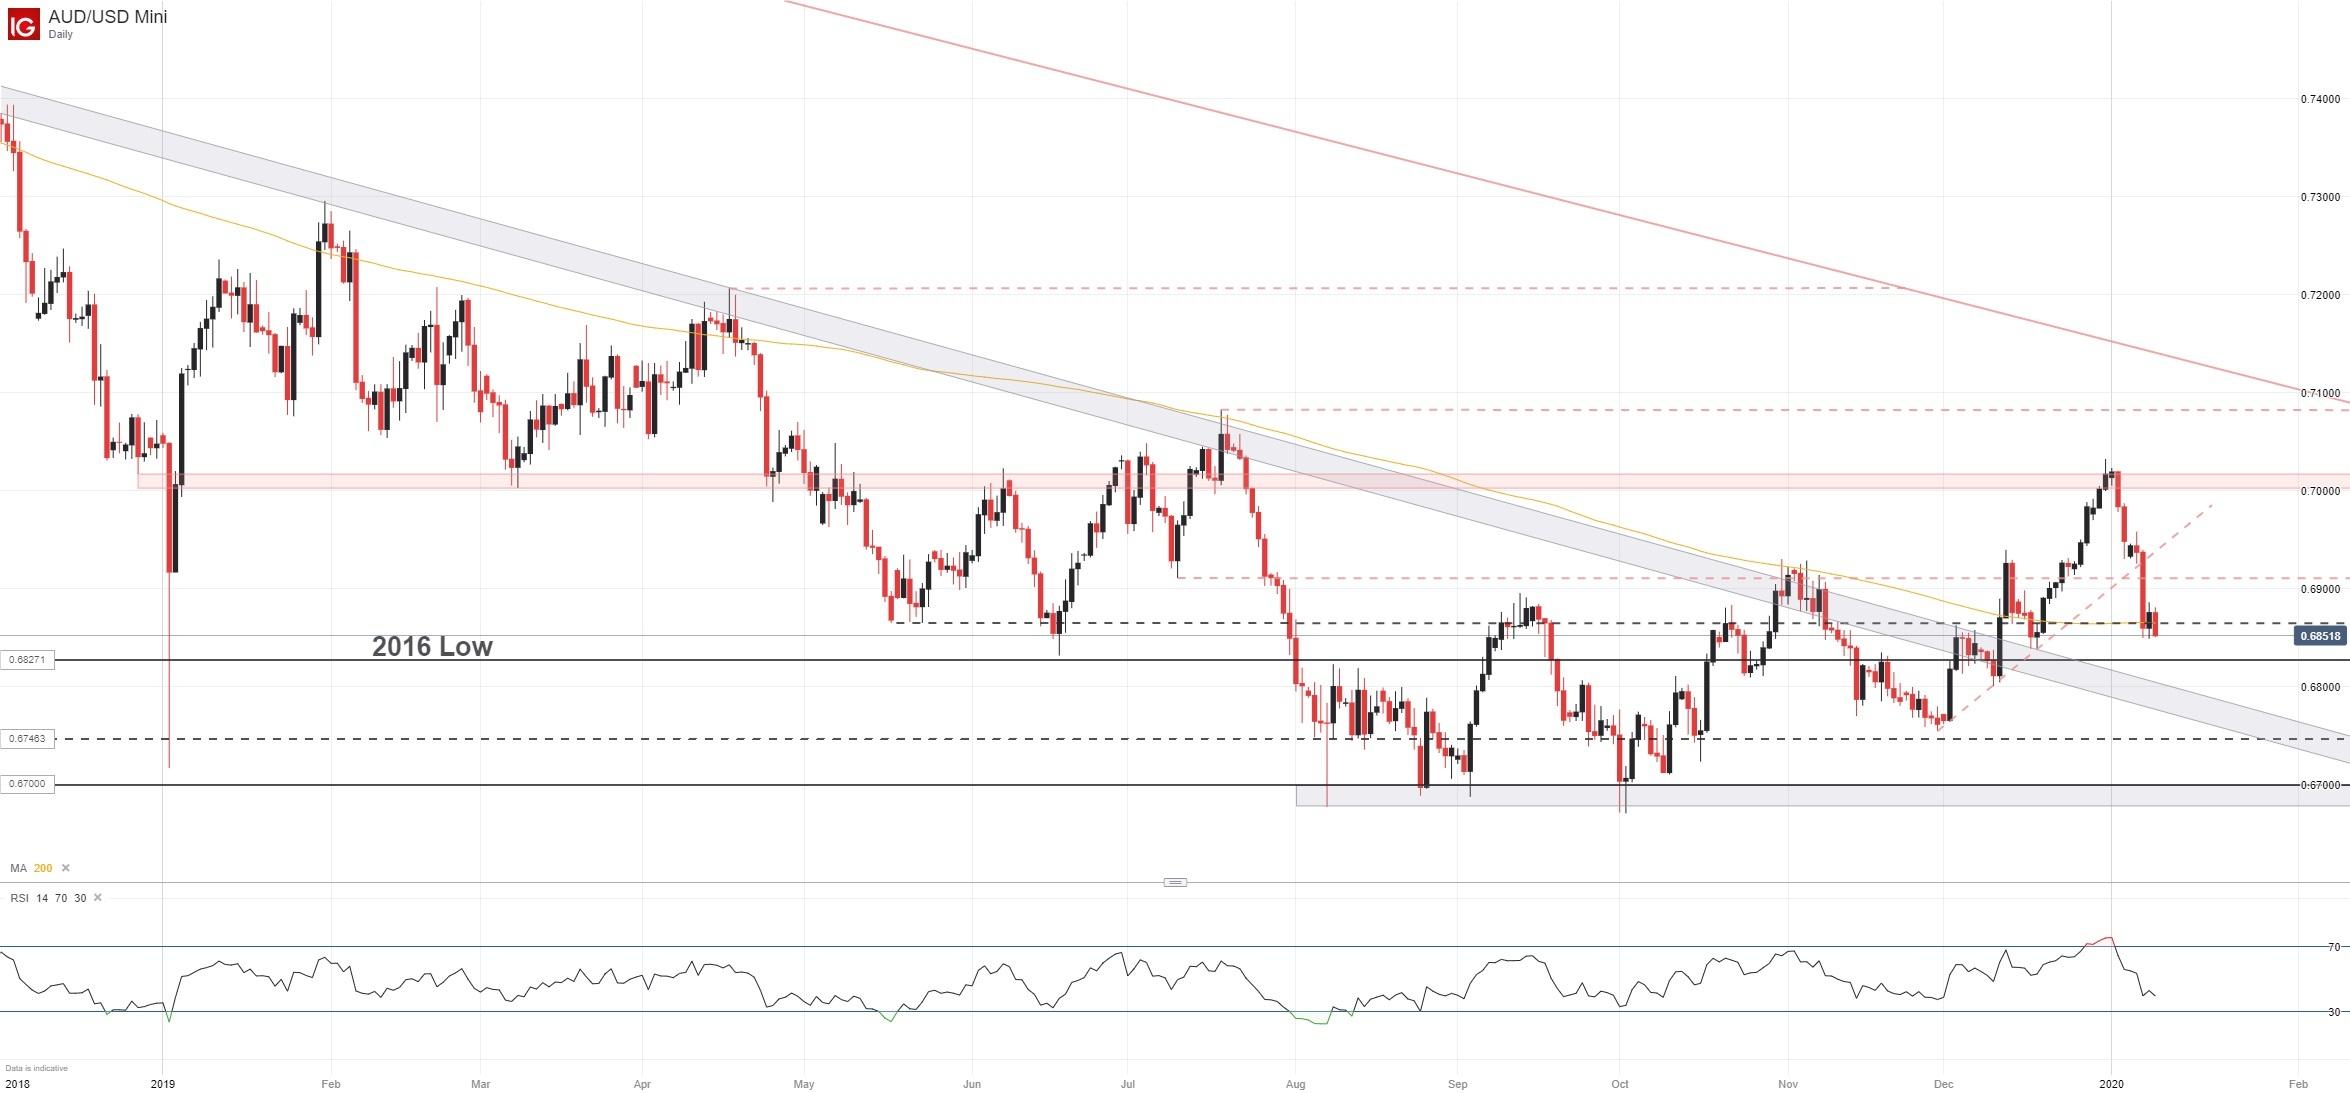 Australian Dollar Forecast: AUD/USD Falters, Will it Fall Further?